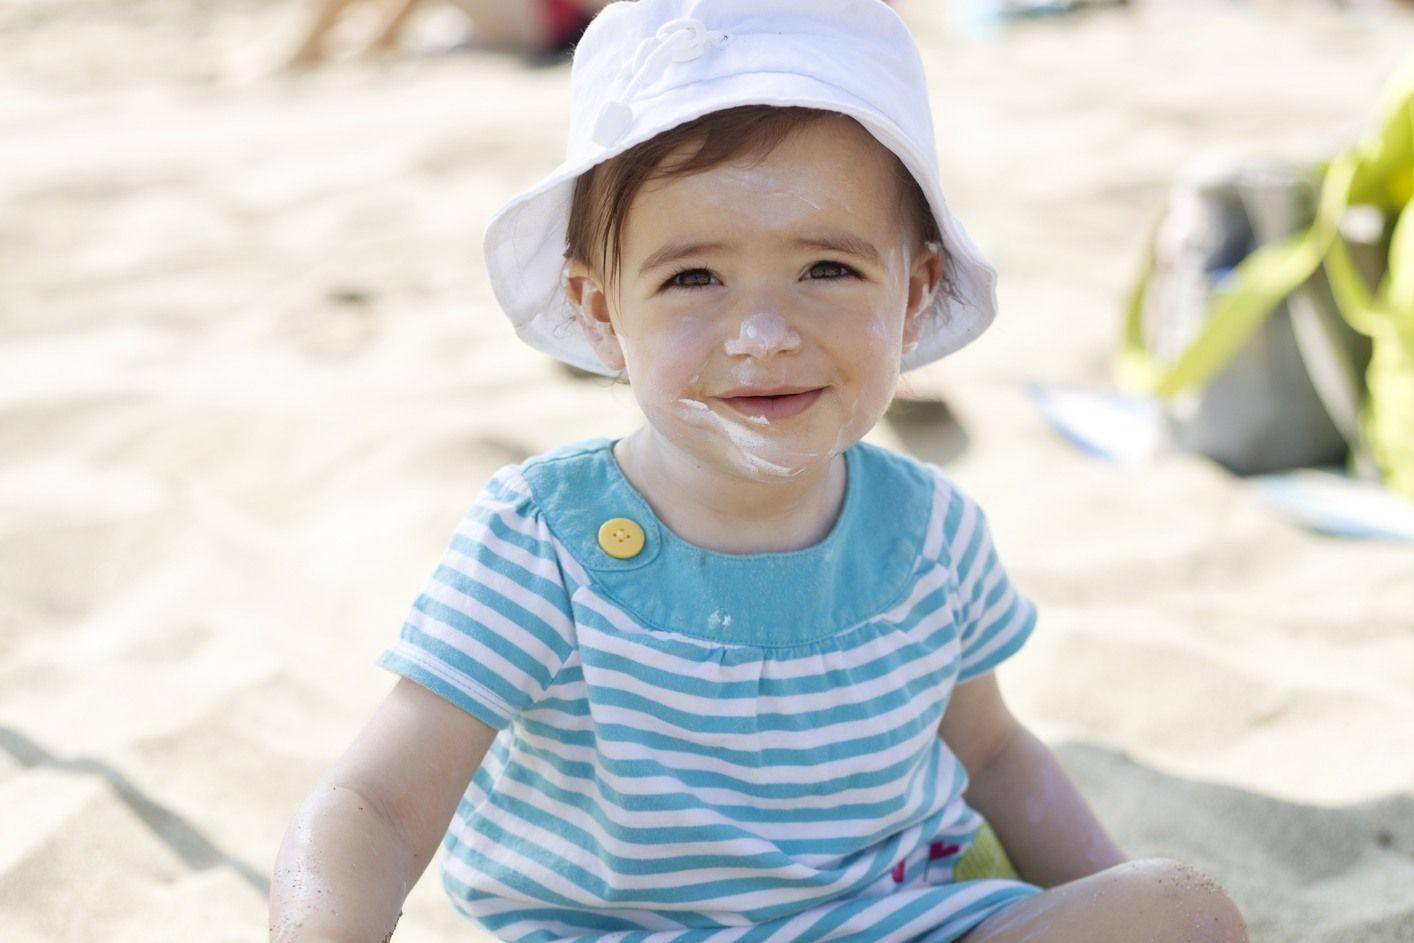 133d2df418 Soins de bébé - Protéger bébé du soleil - Doctissimo